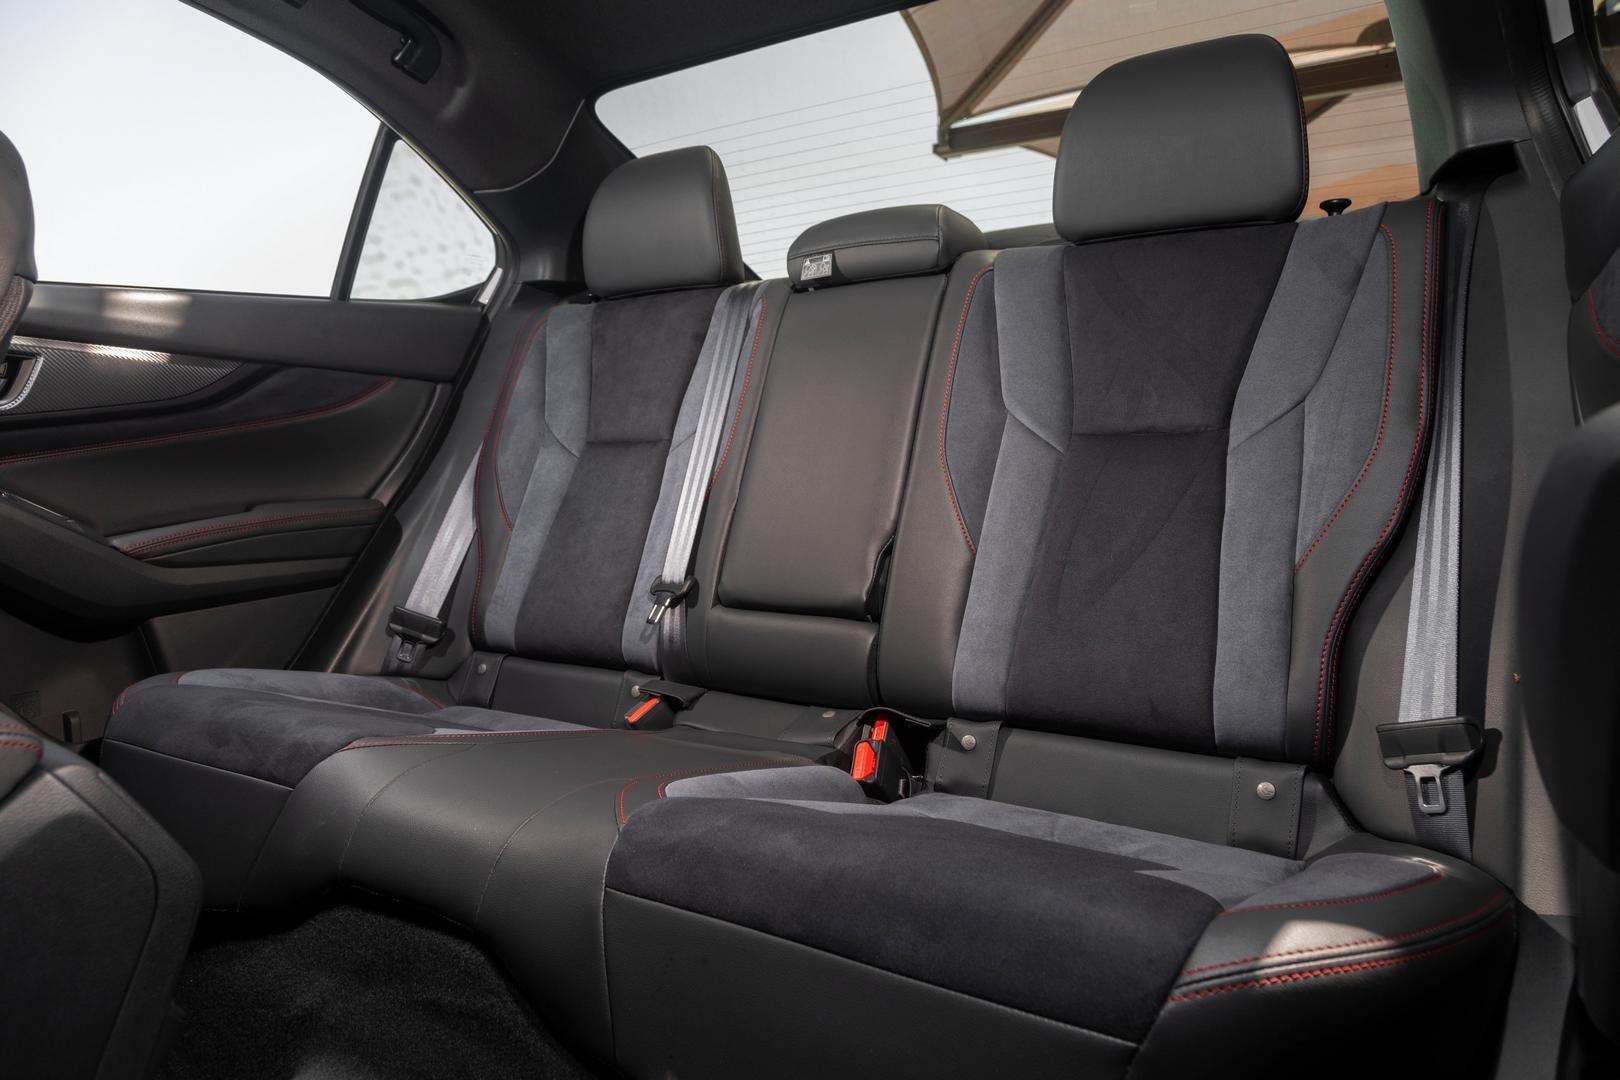 2022 Subaru WRX rear seats